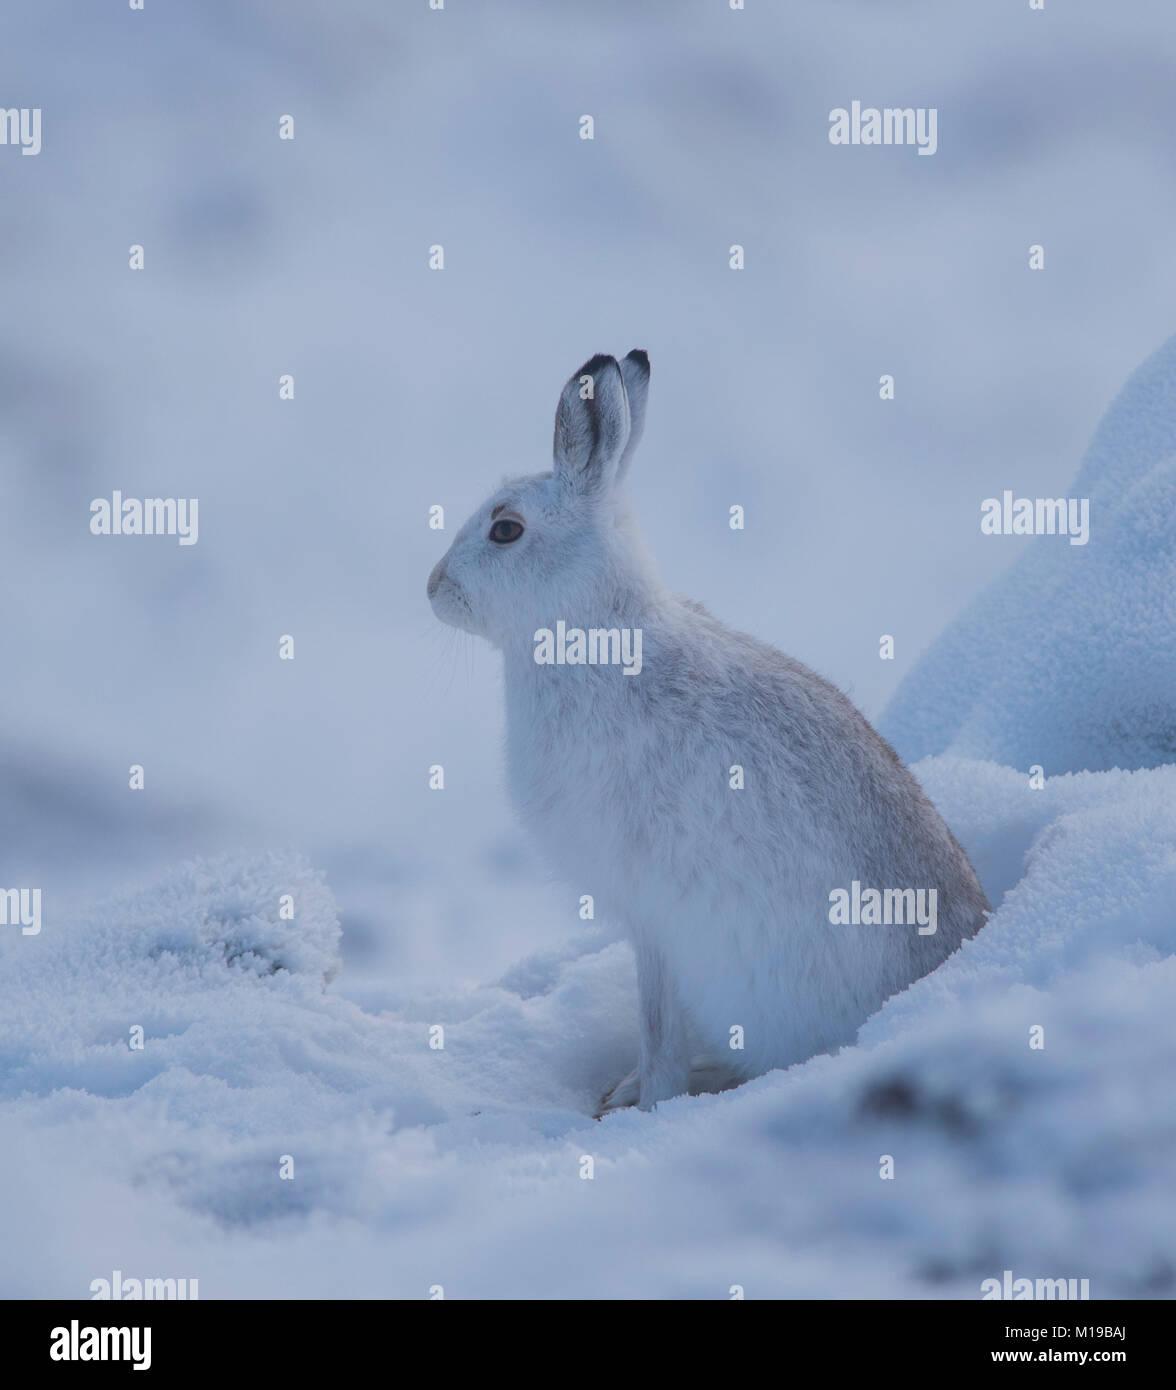 Mountain lepre Lepus timidus in inverno il suo mantello bianco di neve su una montagna scozzese. Immagini Stock